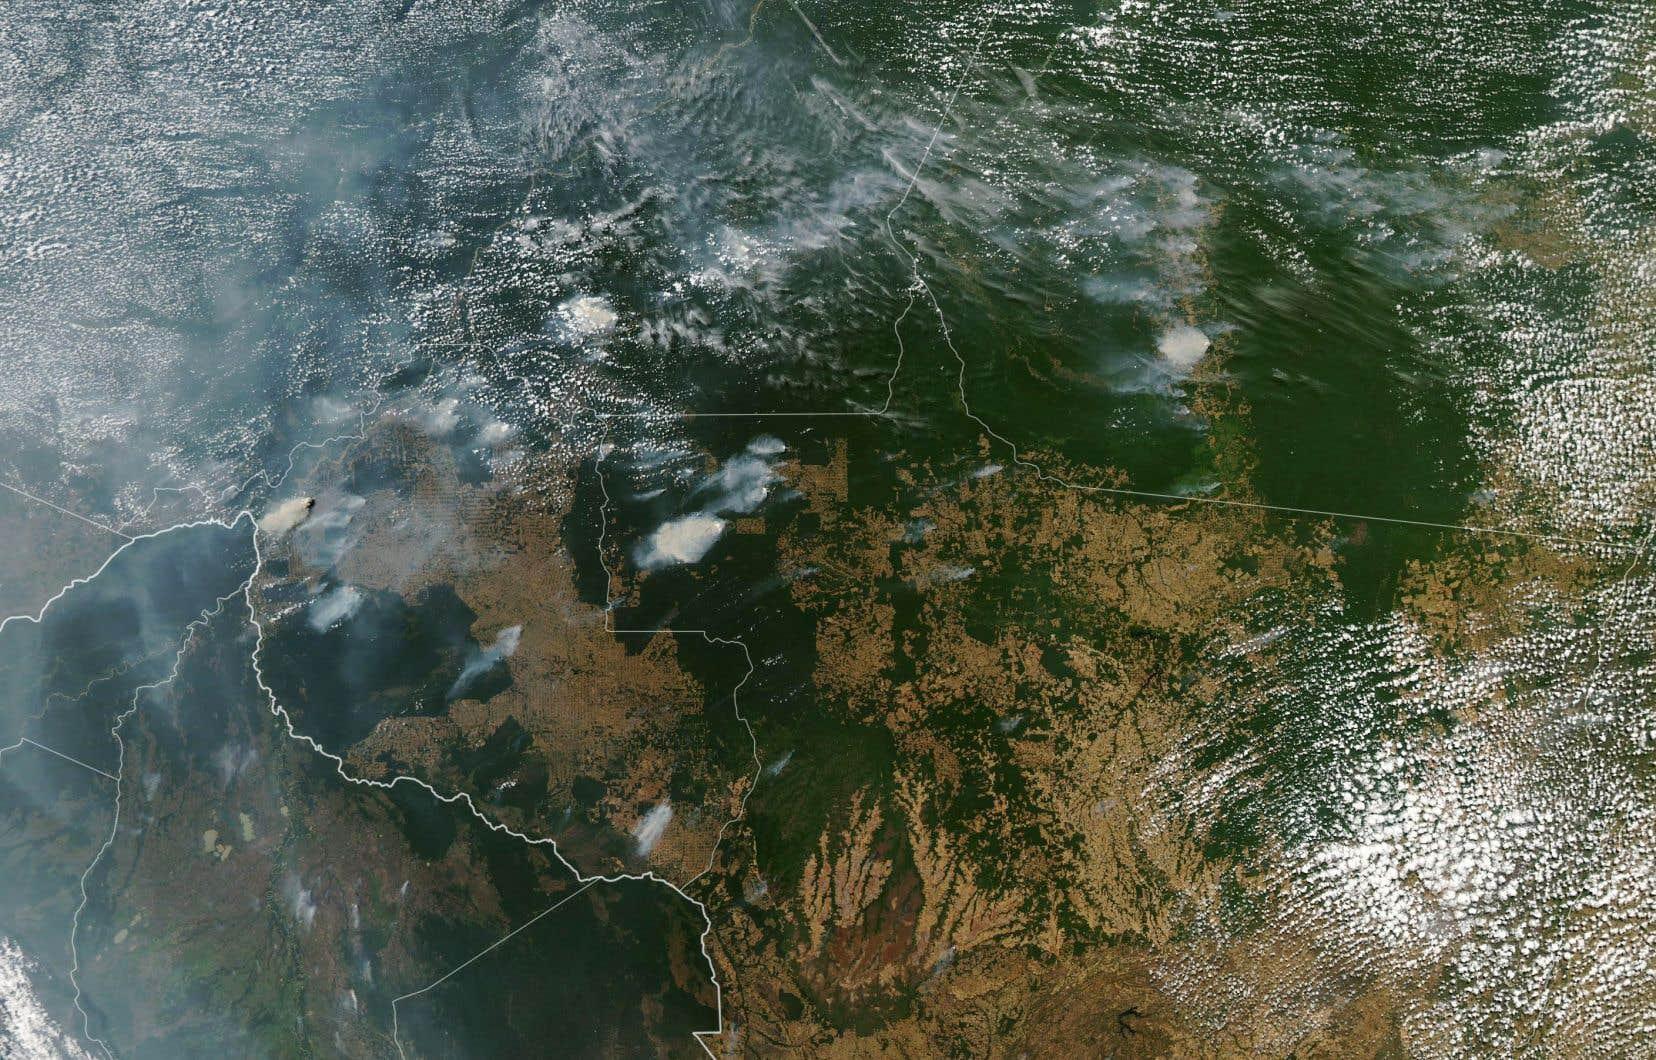 Il n'était pas possible d'évaluer mercredi l'ampleur des superficies affectées par des feux de forêt en Amazonie.